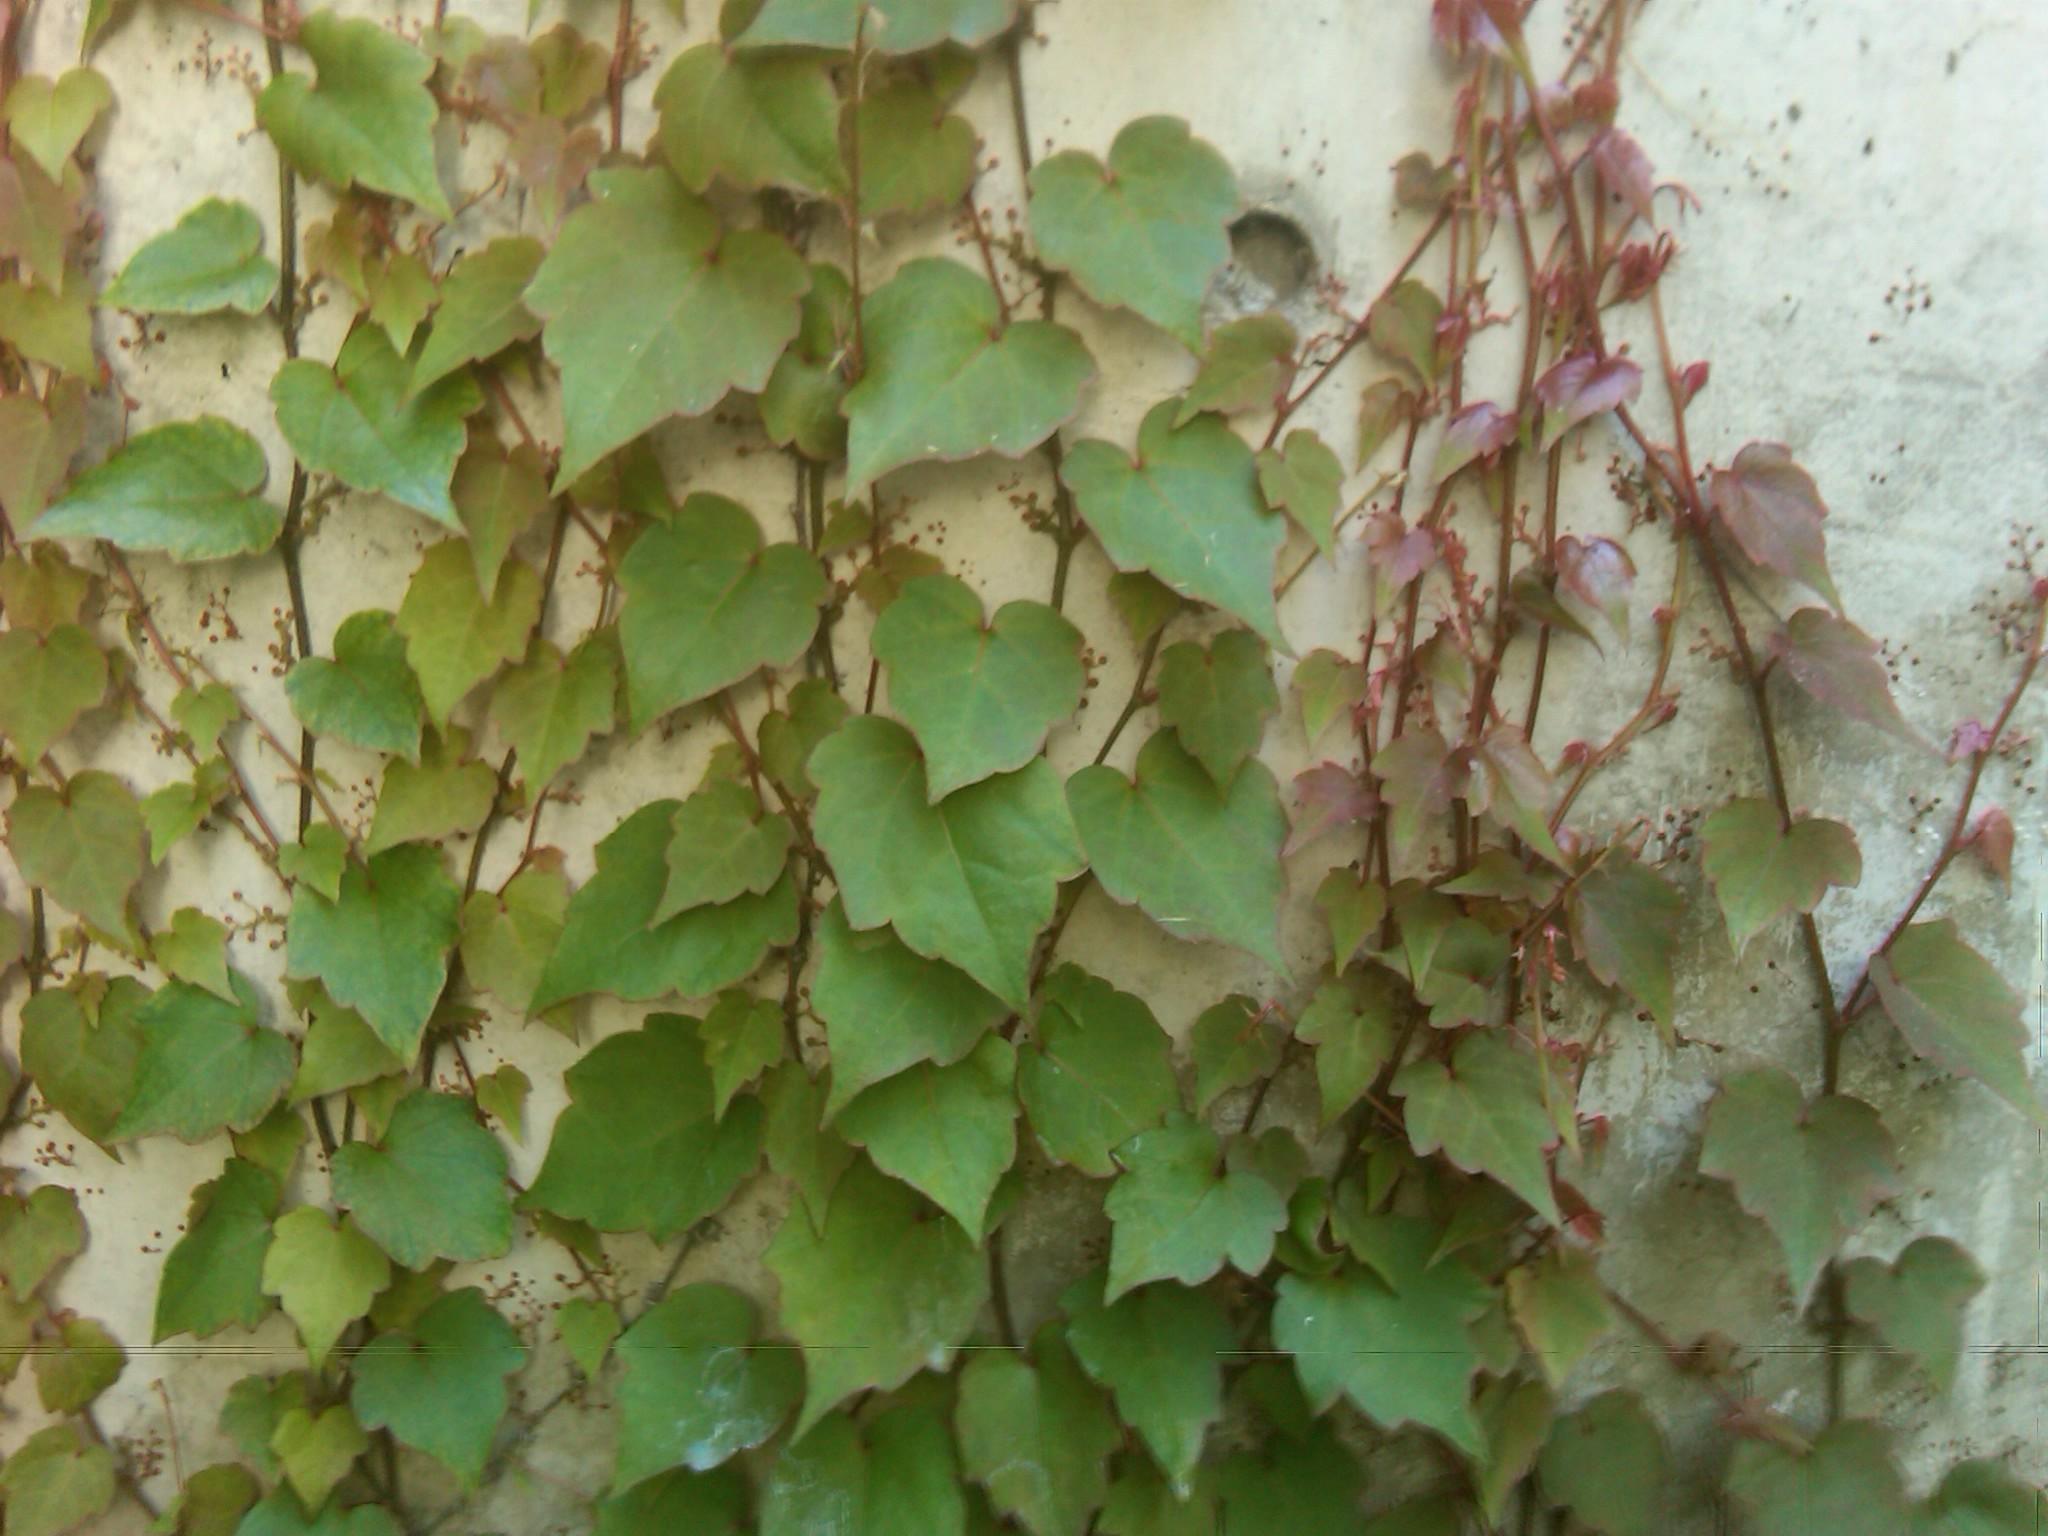 shade tolerant vines  the smarter gardener, Natural flower